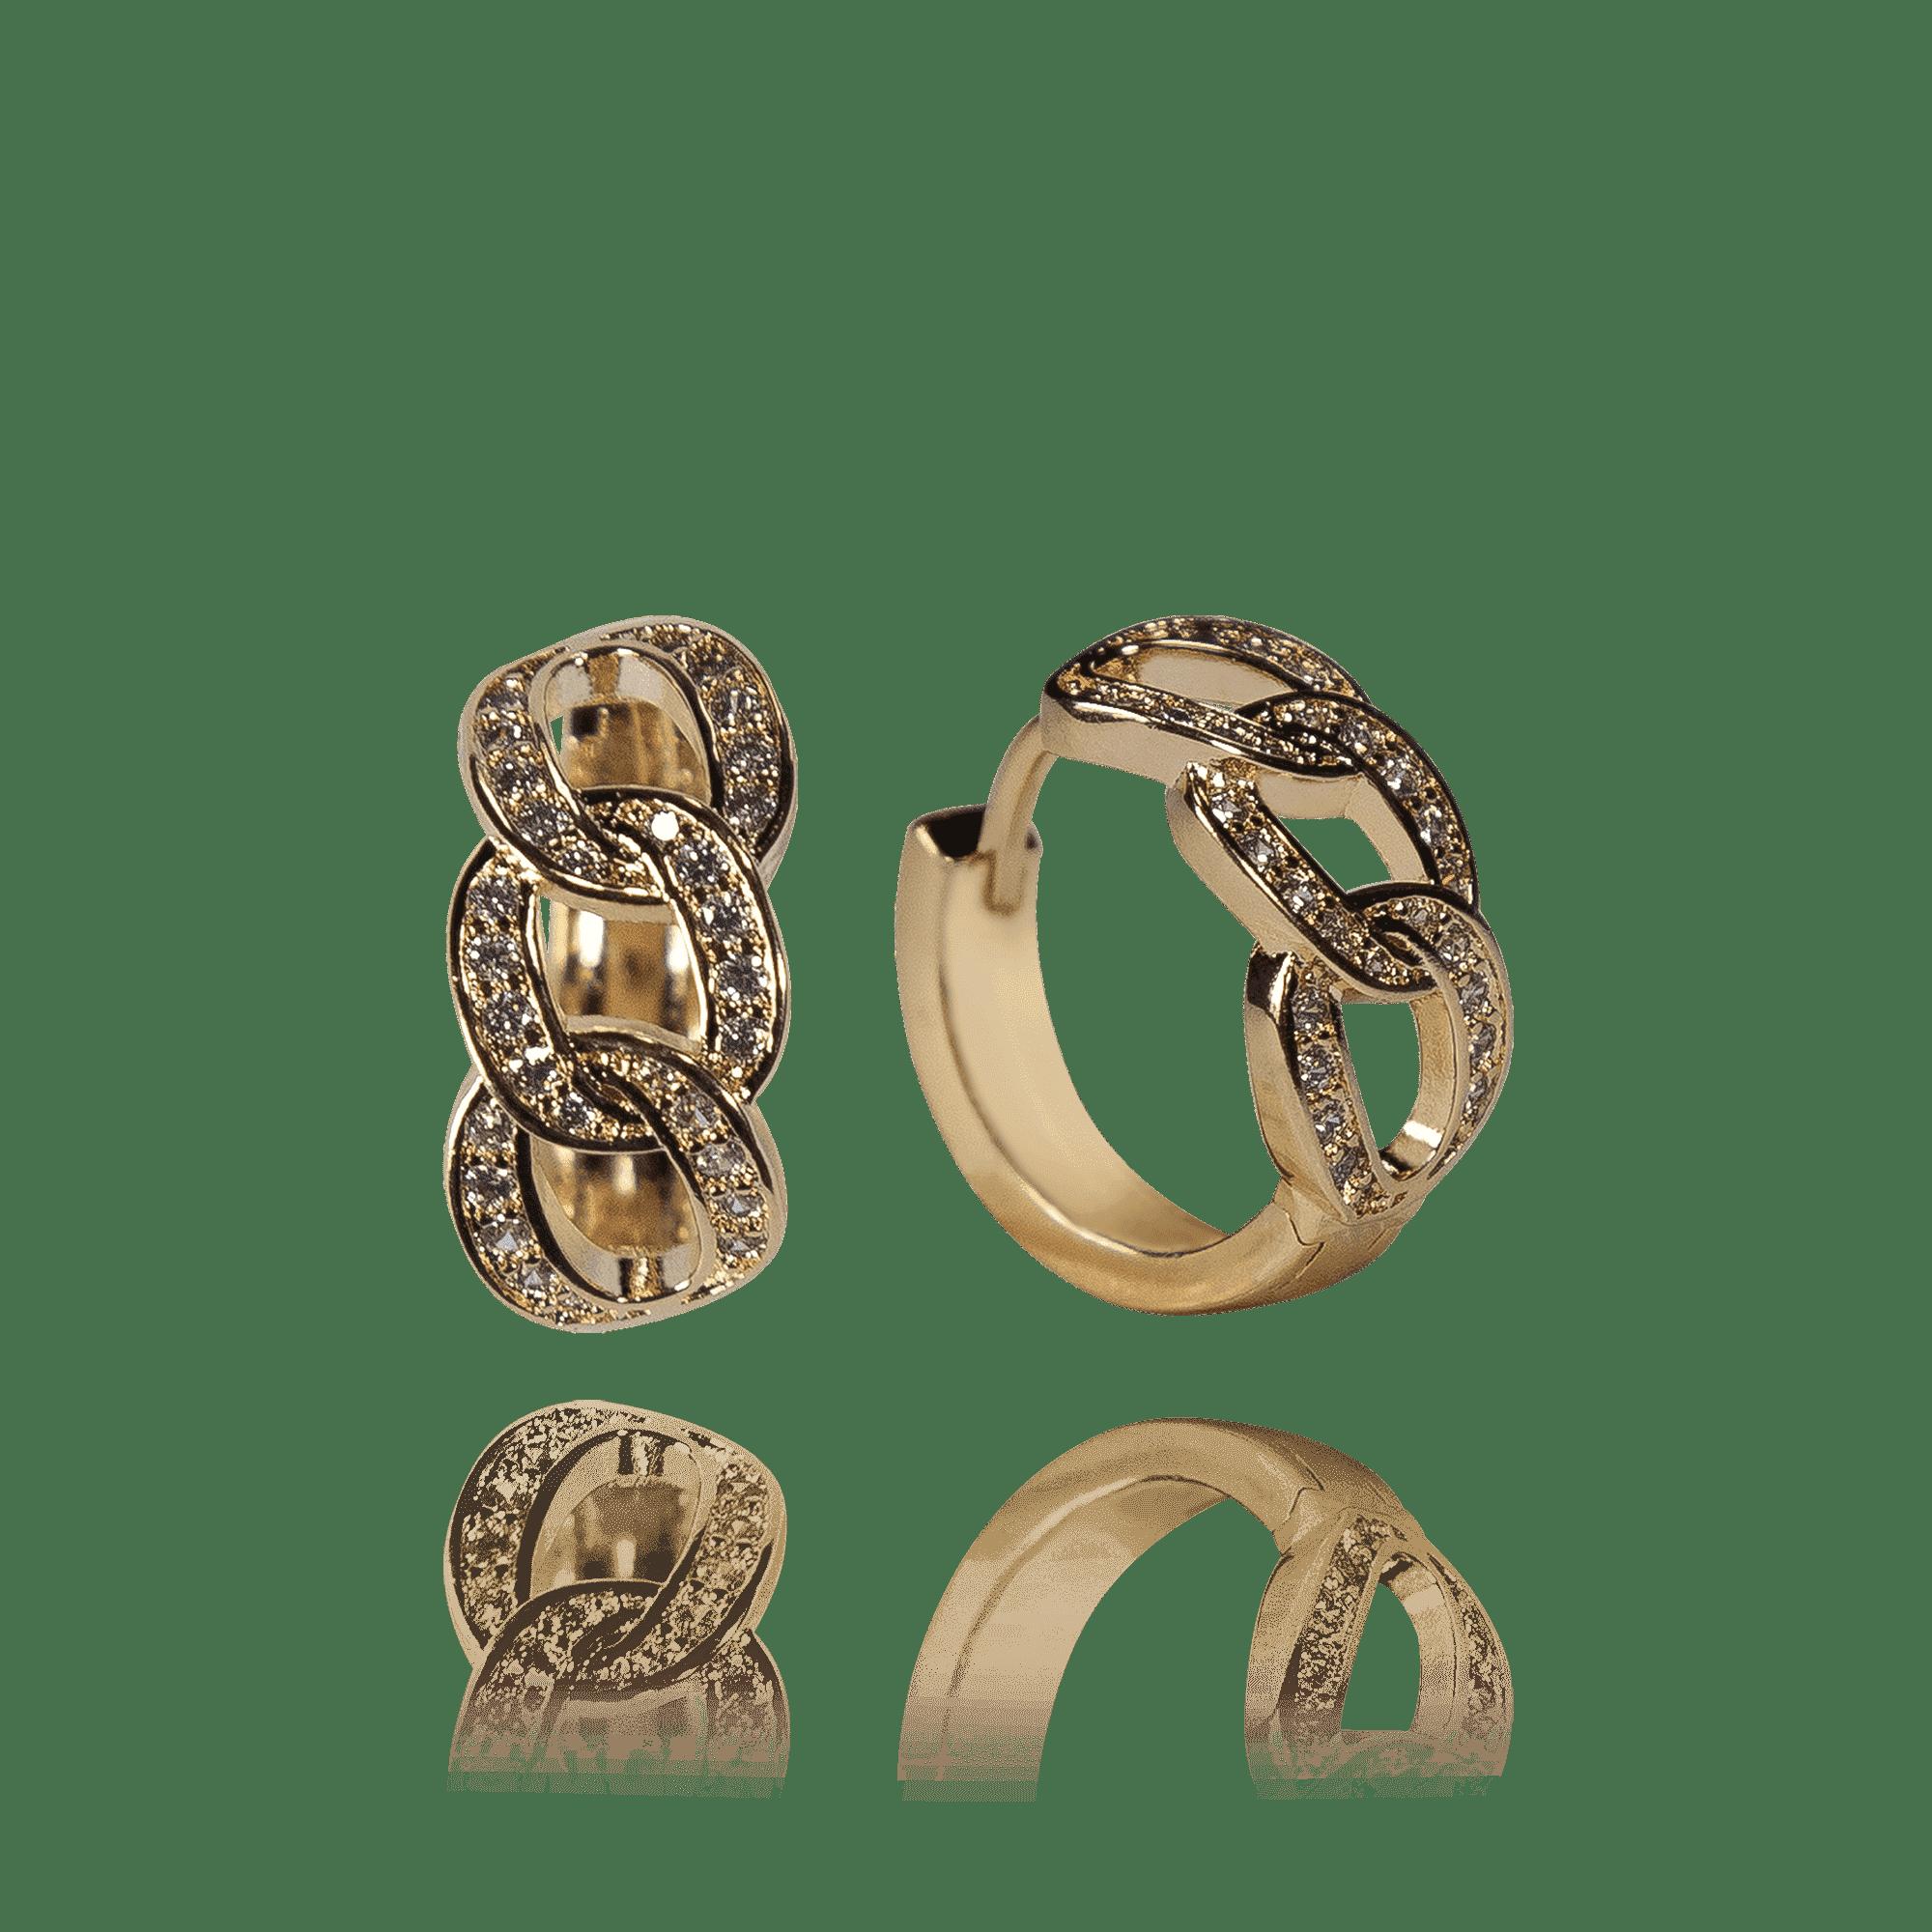 Brinco Argola Elos com Zircônias Inspiração Cartier